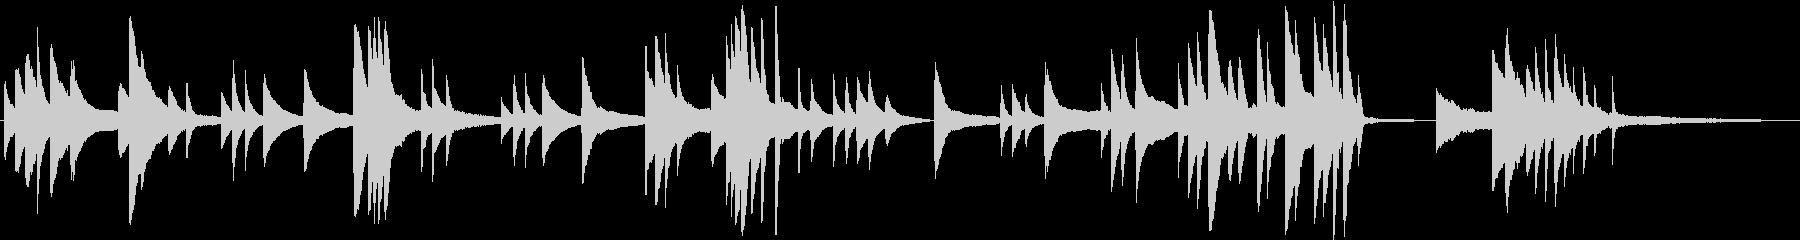 ピアノソロ。音数少なく短いヒーリング曲♪の未再生の波形